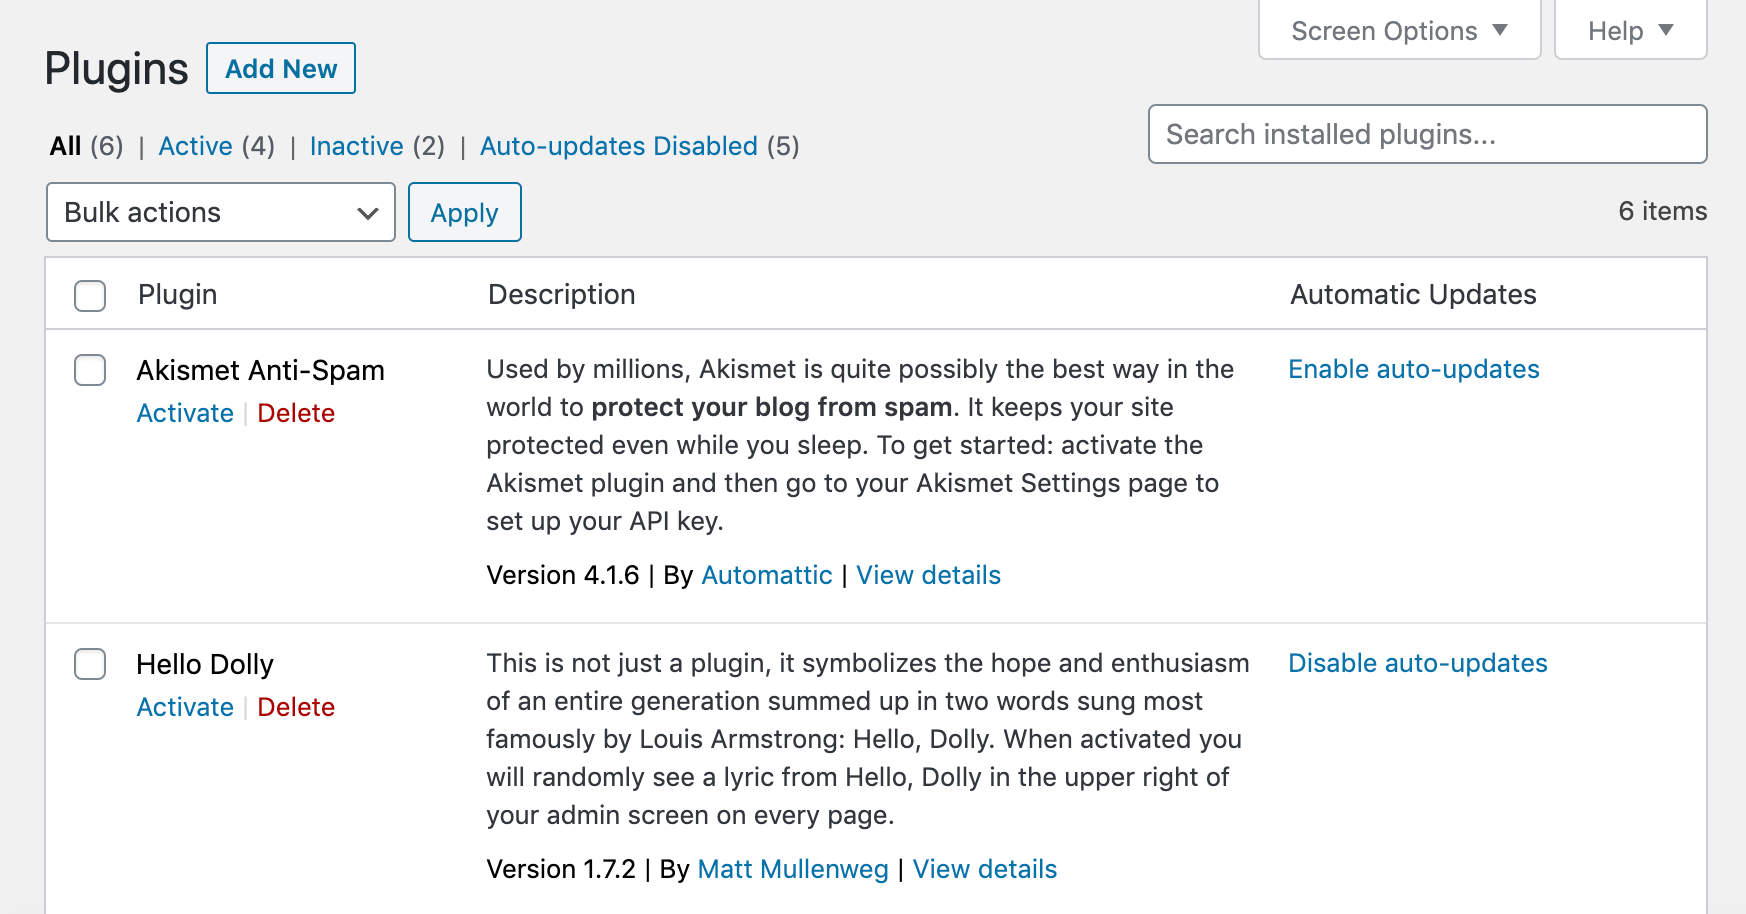 Aktivera automatiska uppdateringar för plugins